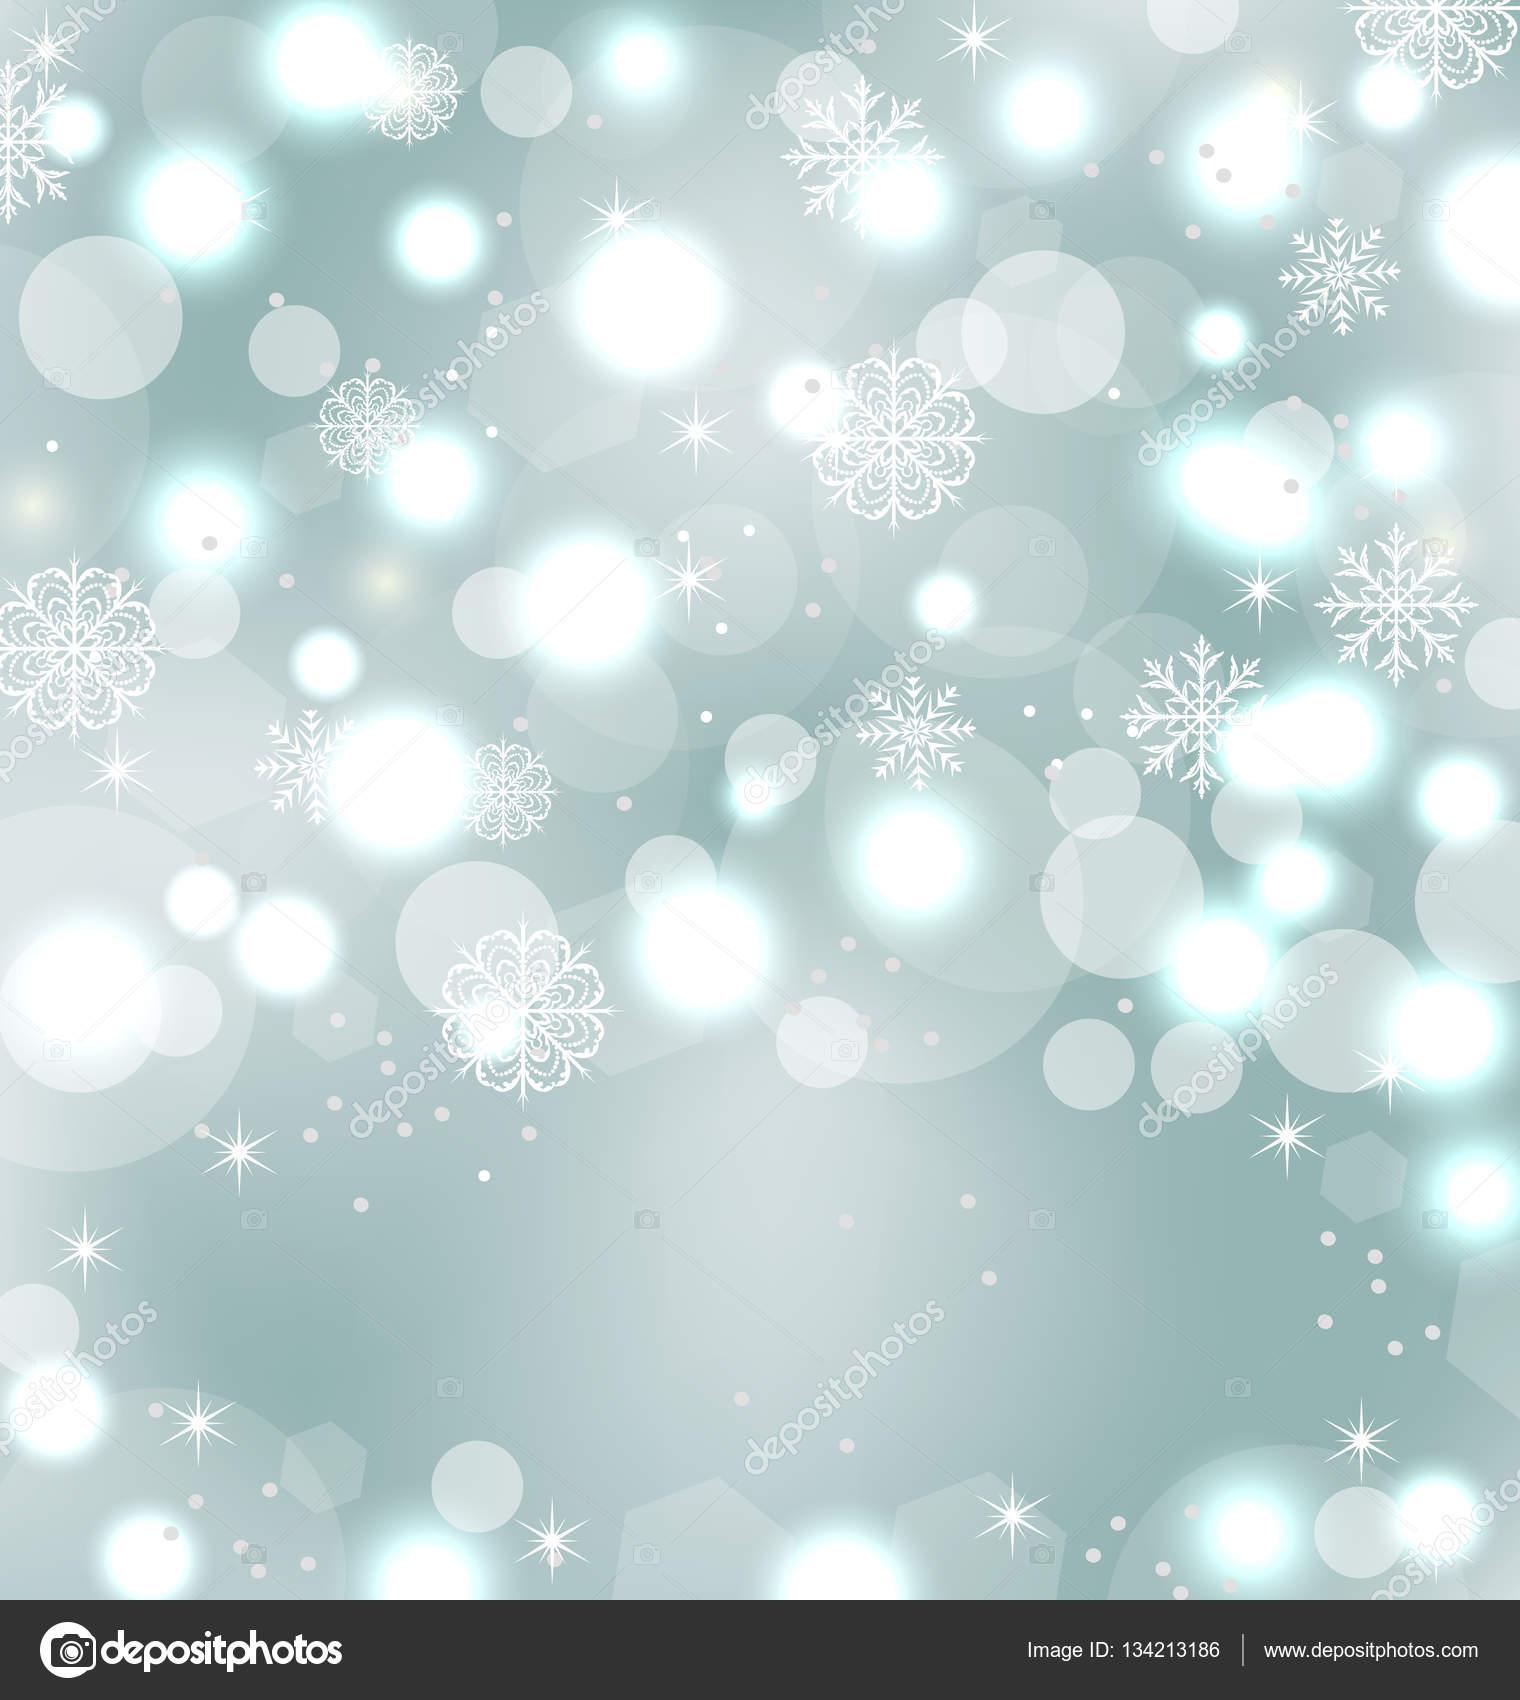 Weihnachten niedlich Tapete mit funkel, Schneeflocken, Sterne ...